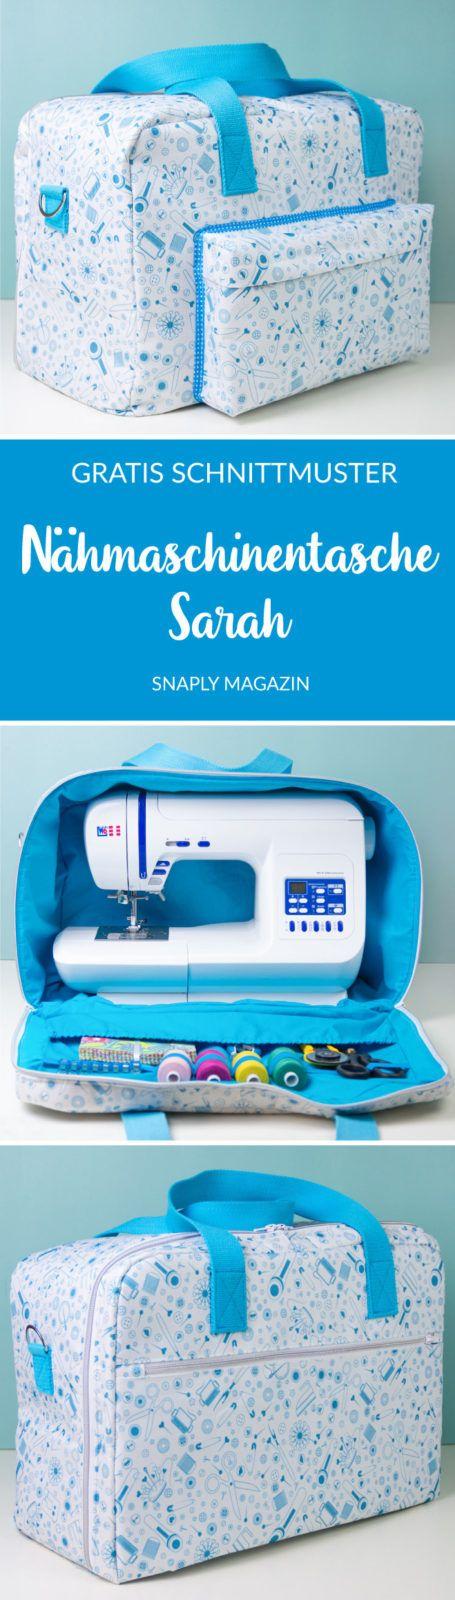 Nähmaschinentasche nähen – Schnittmuster kostenlos #snaplymagazin #nähen #snaply